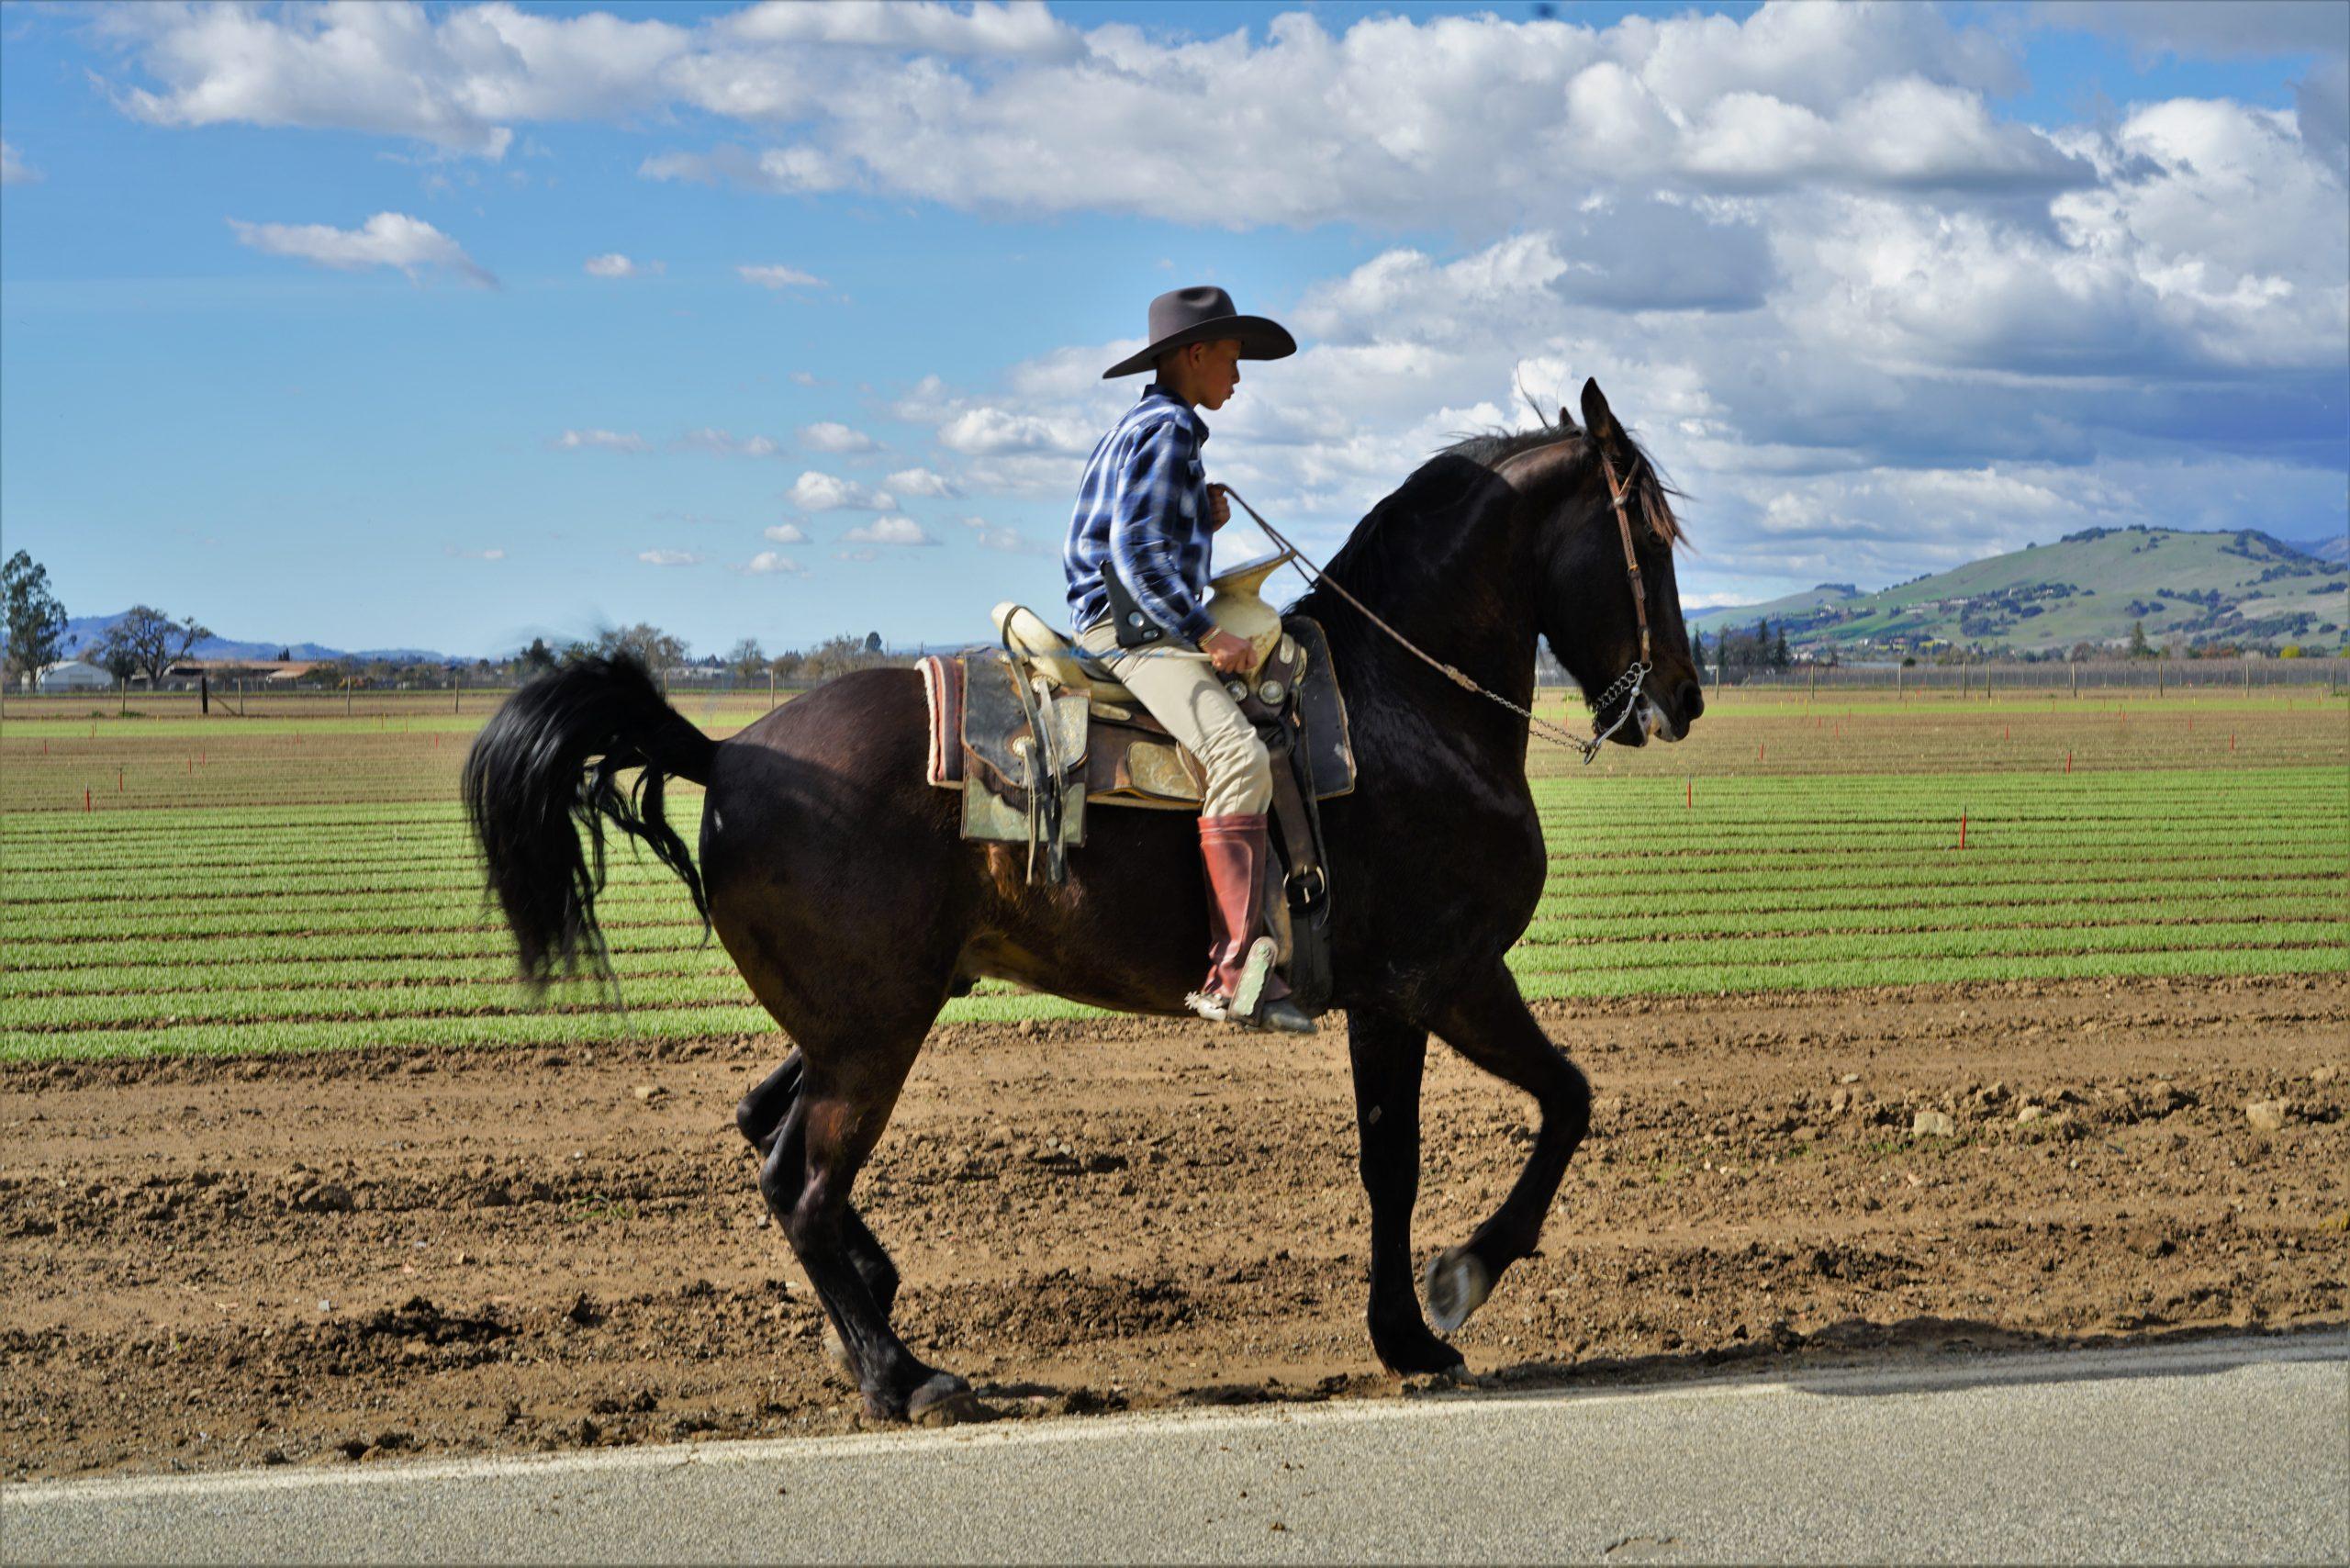 Korzyści płynące z uprawiania sportu - czyli dlaczego zdecydować się na jeździectwo?